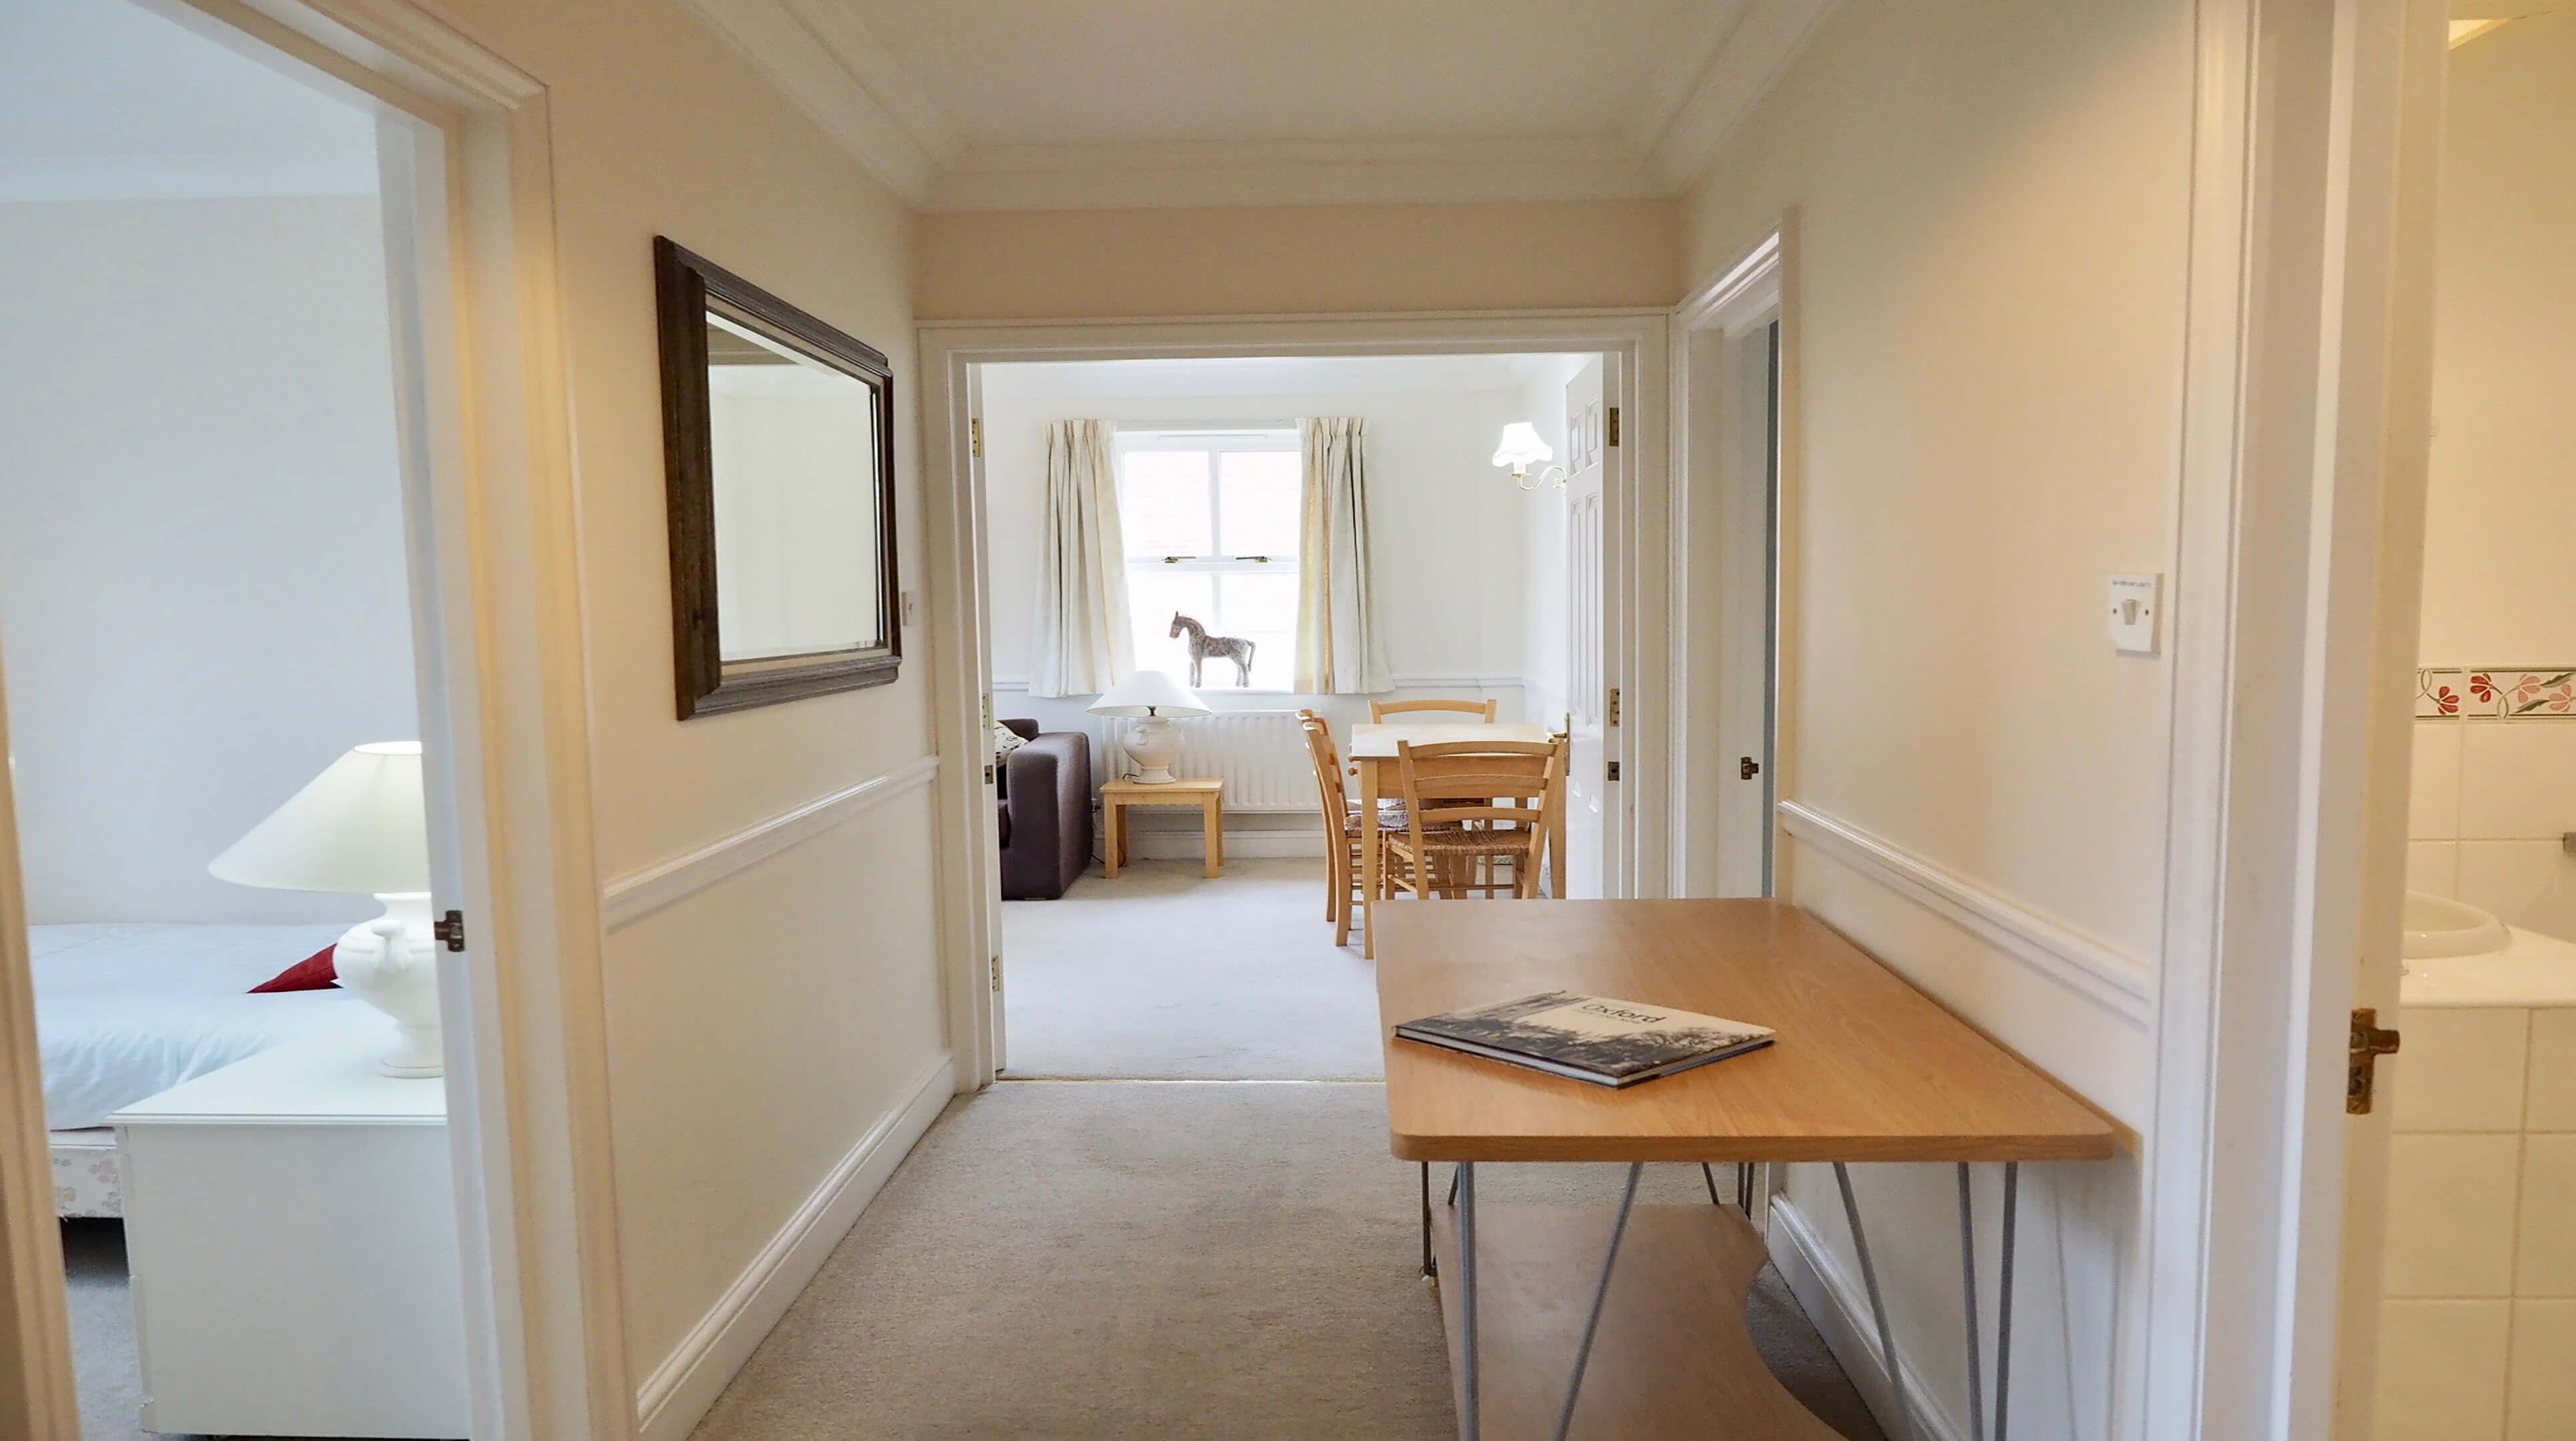 Oxford Two Bedroom Bishop Kirk Place Hallway 2